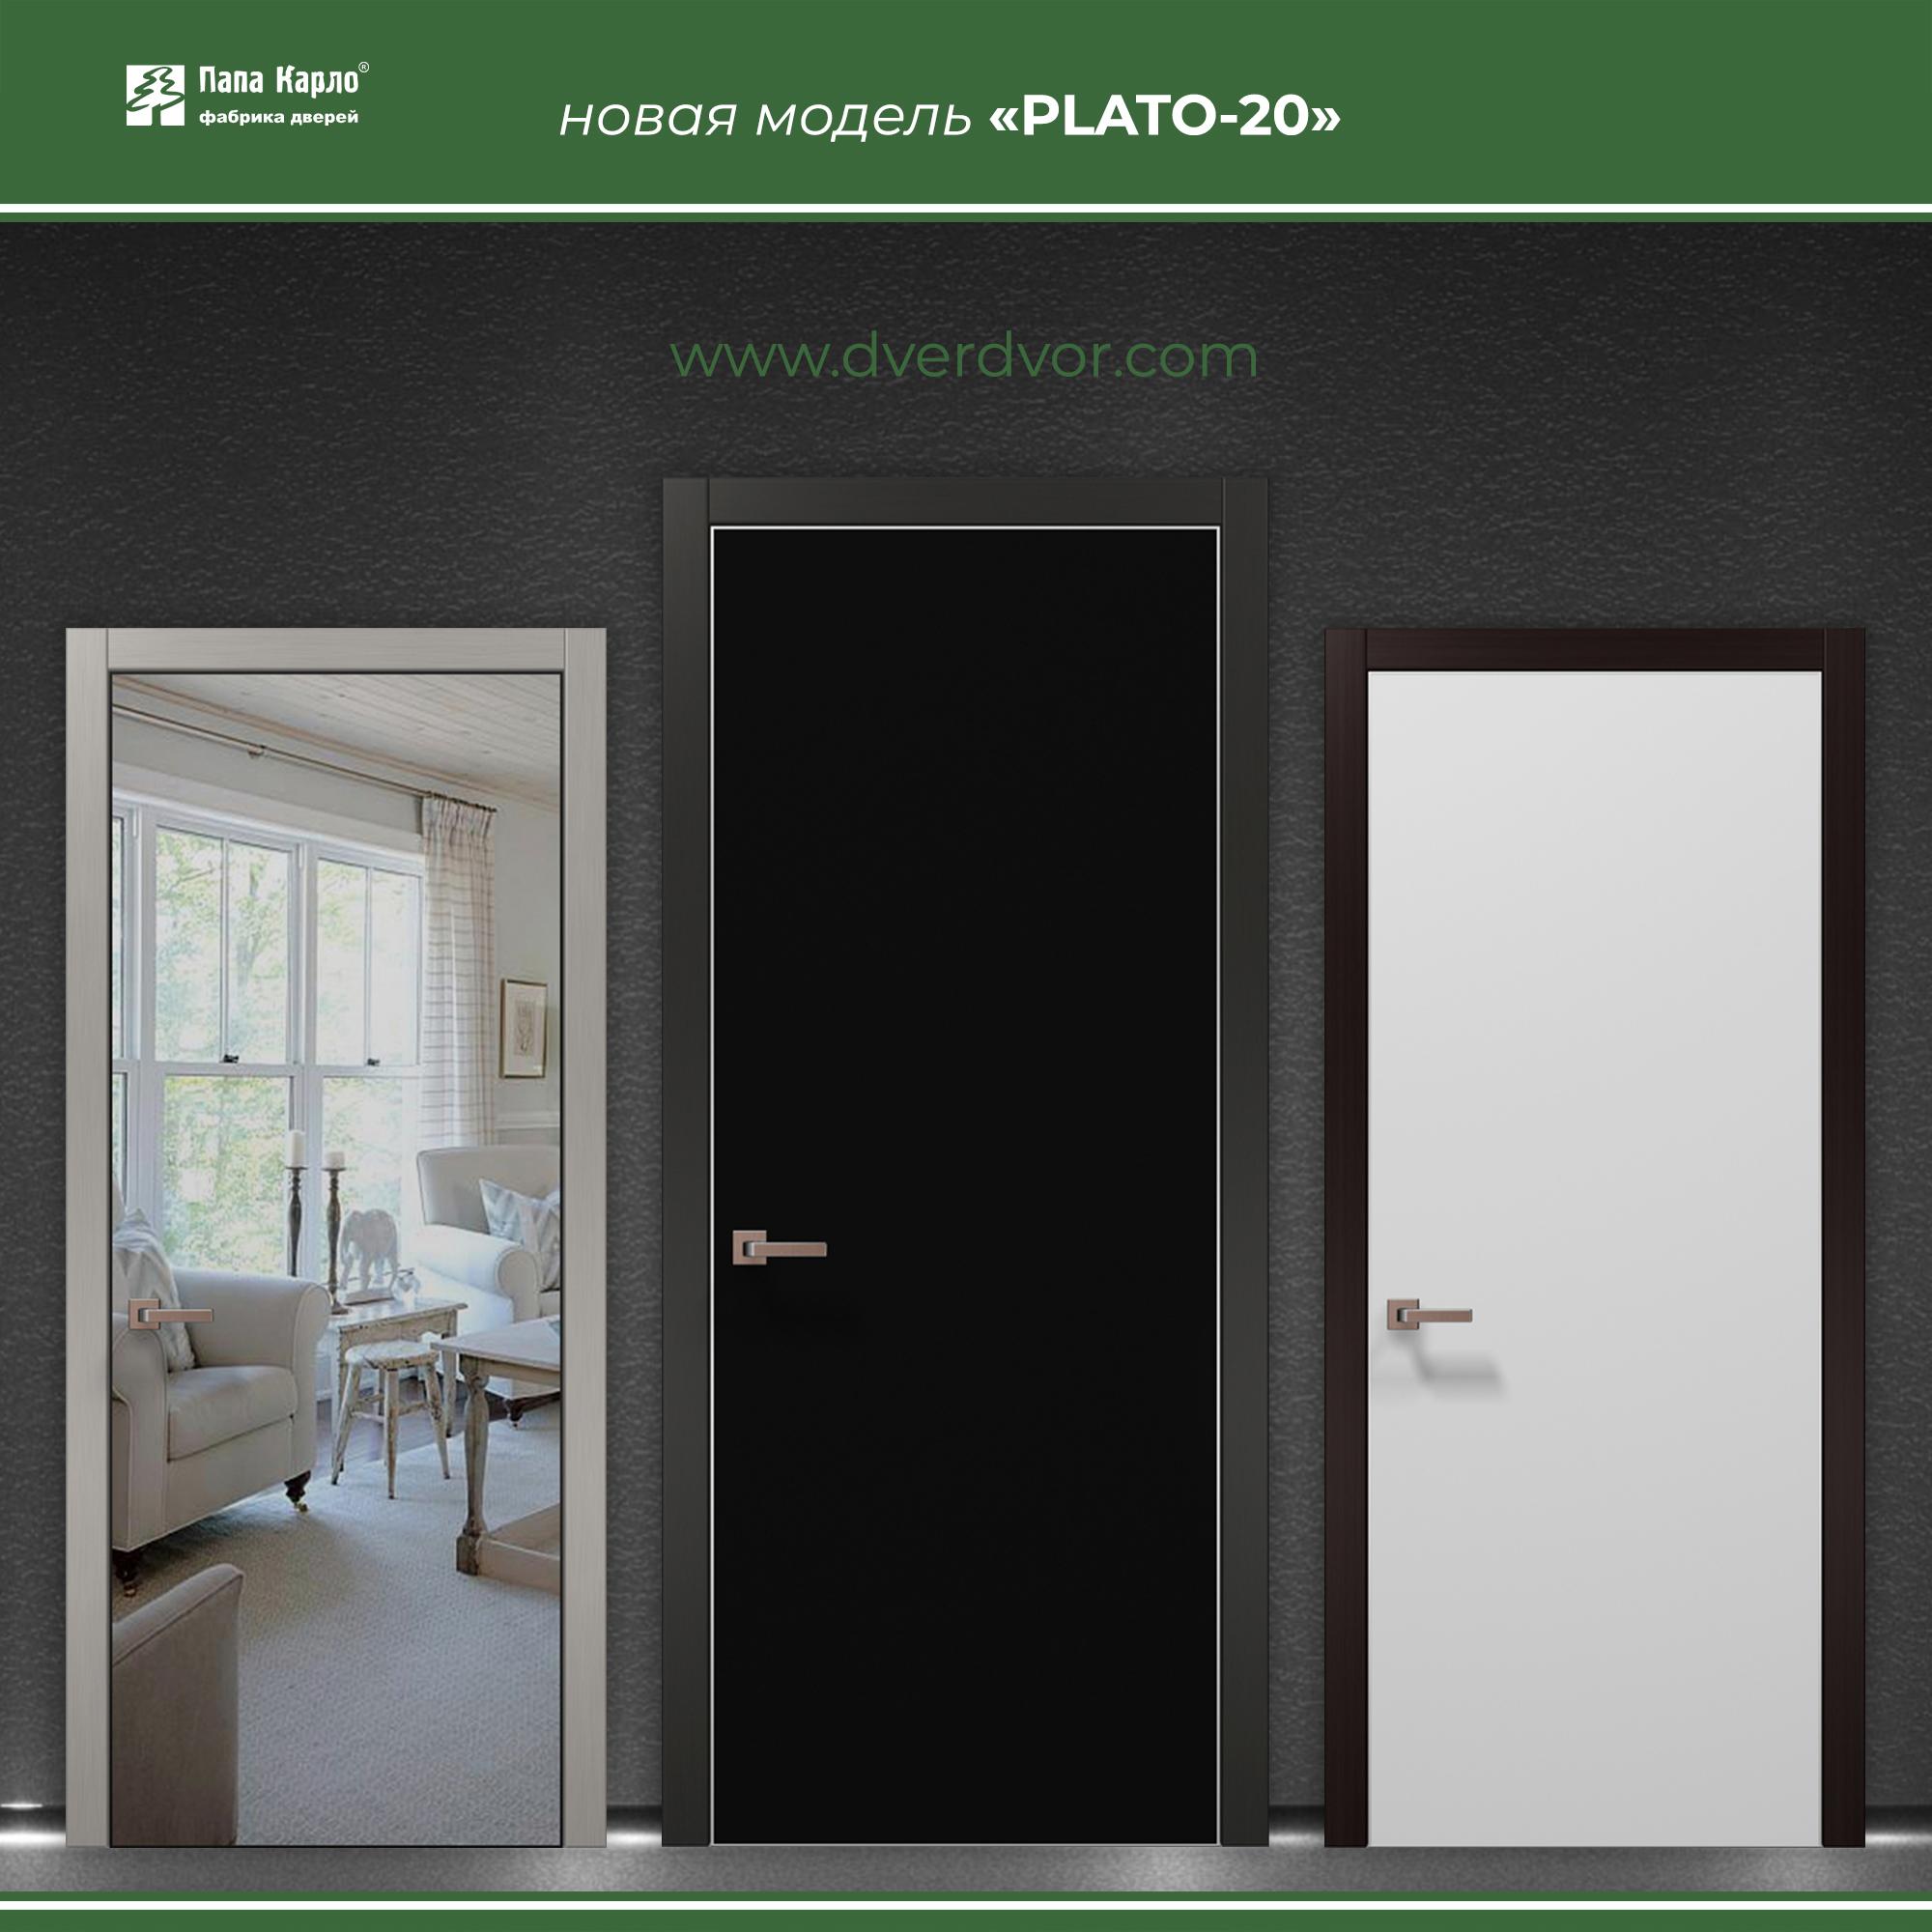 Новая модель Plato-20